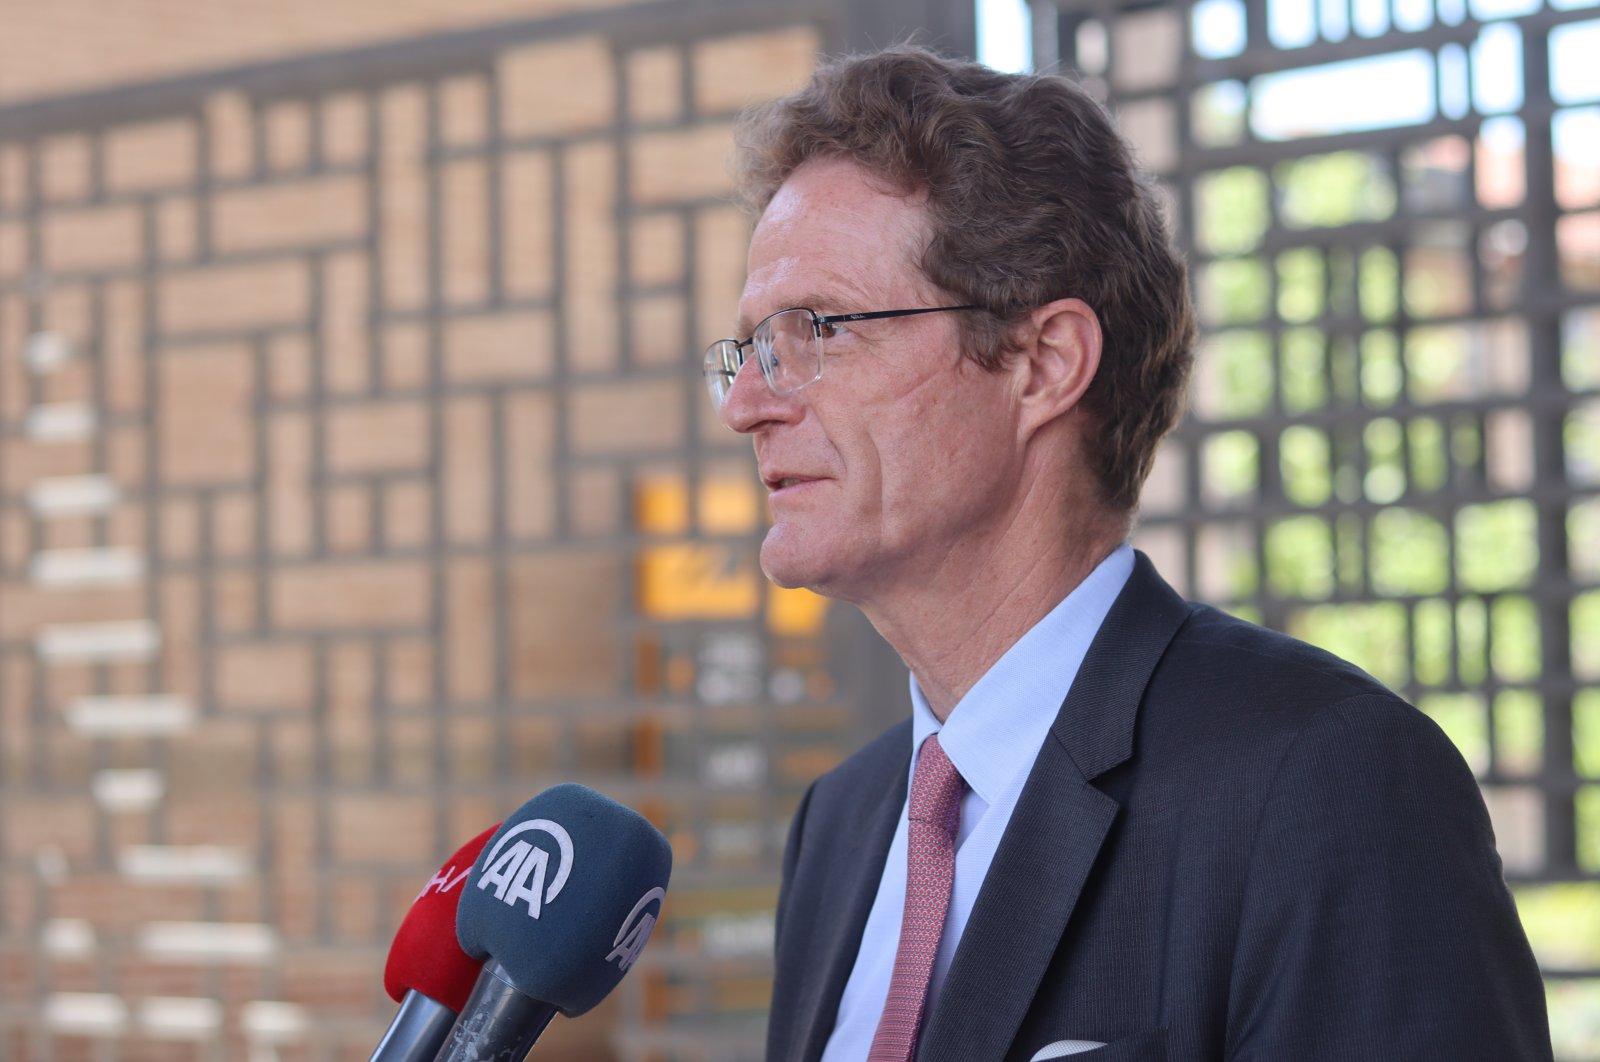 European Union envoy to Turkey, Nikolaus Meyer-Landrut, talks during his visit to Adana, southern Turkey, April 21, 2021 (Photo: Daily Sabah)